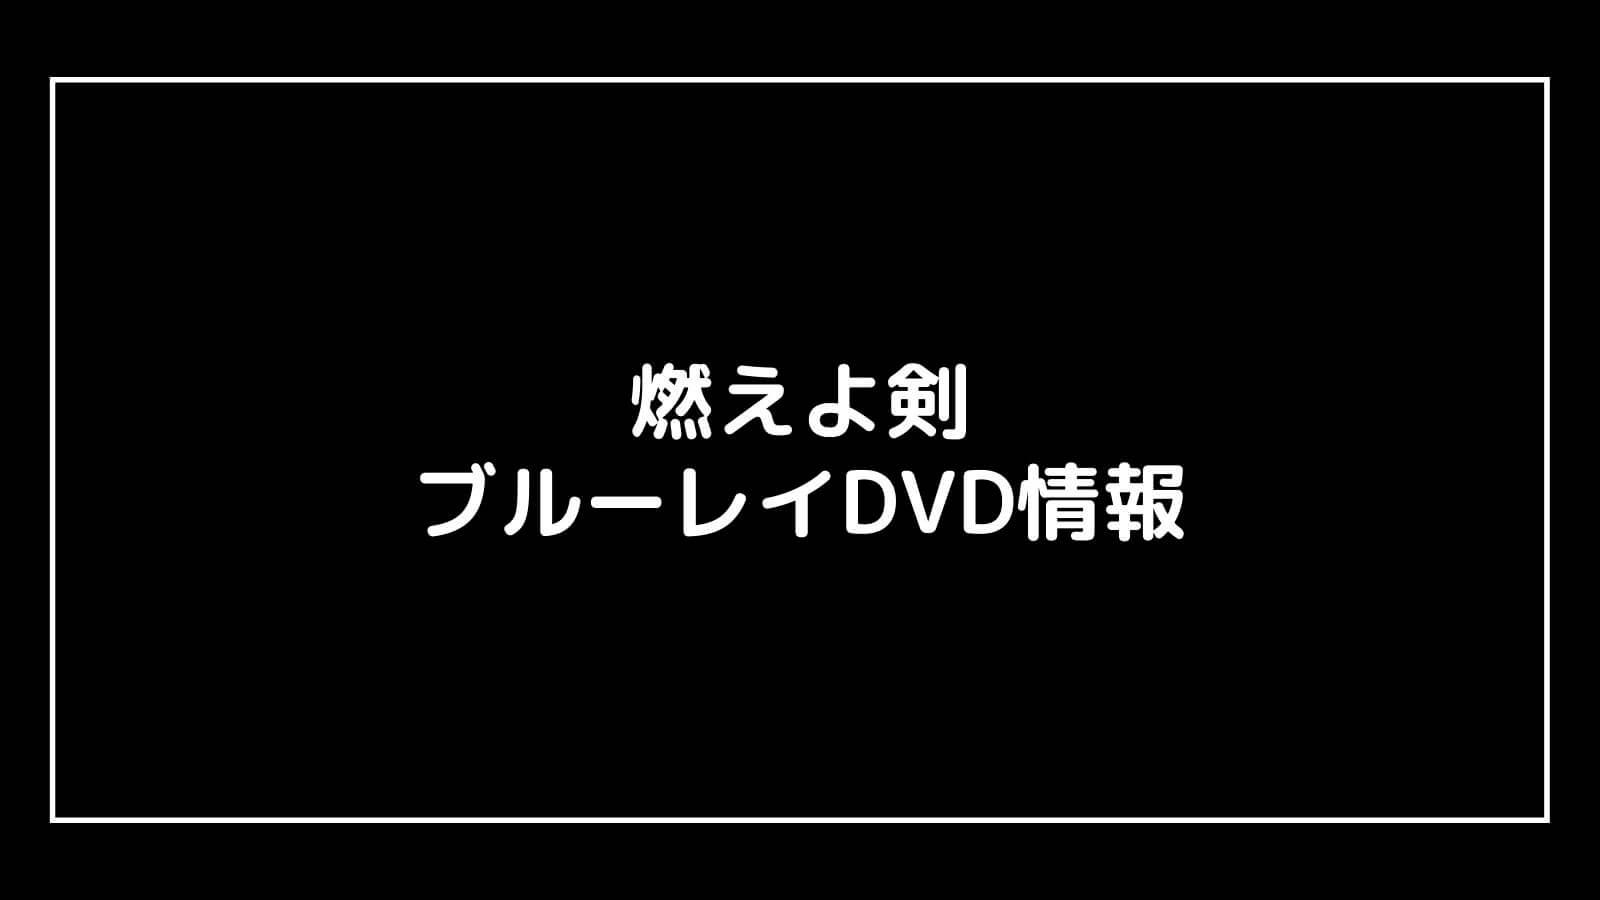 映画『燃えよ剣』のDVD発売日と予約開始日はいつから?円盤情報まとめ